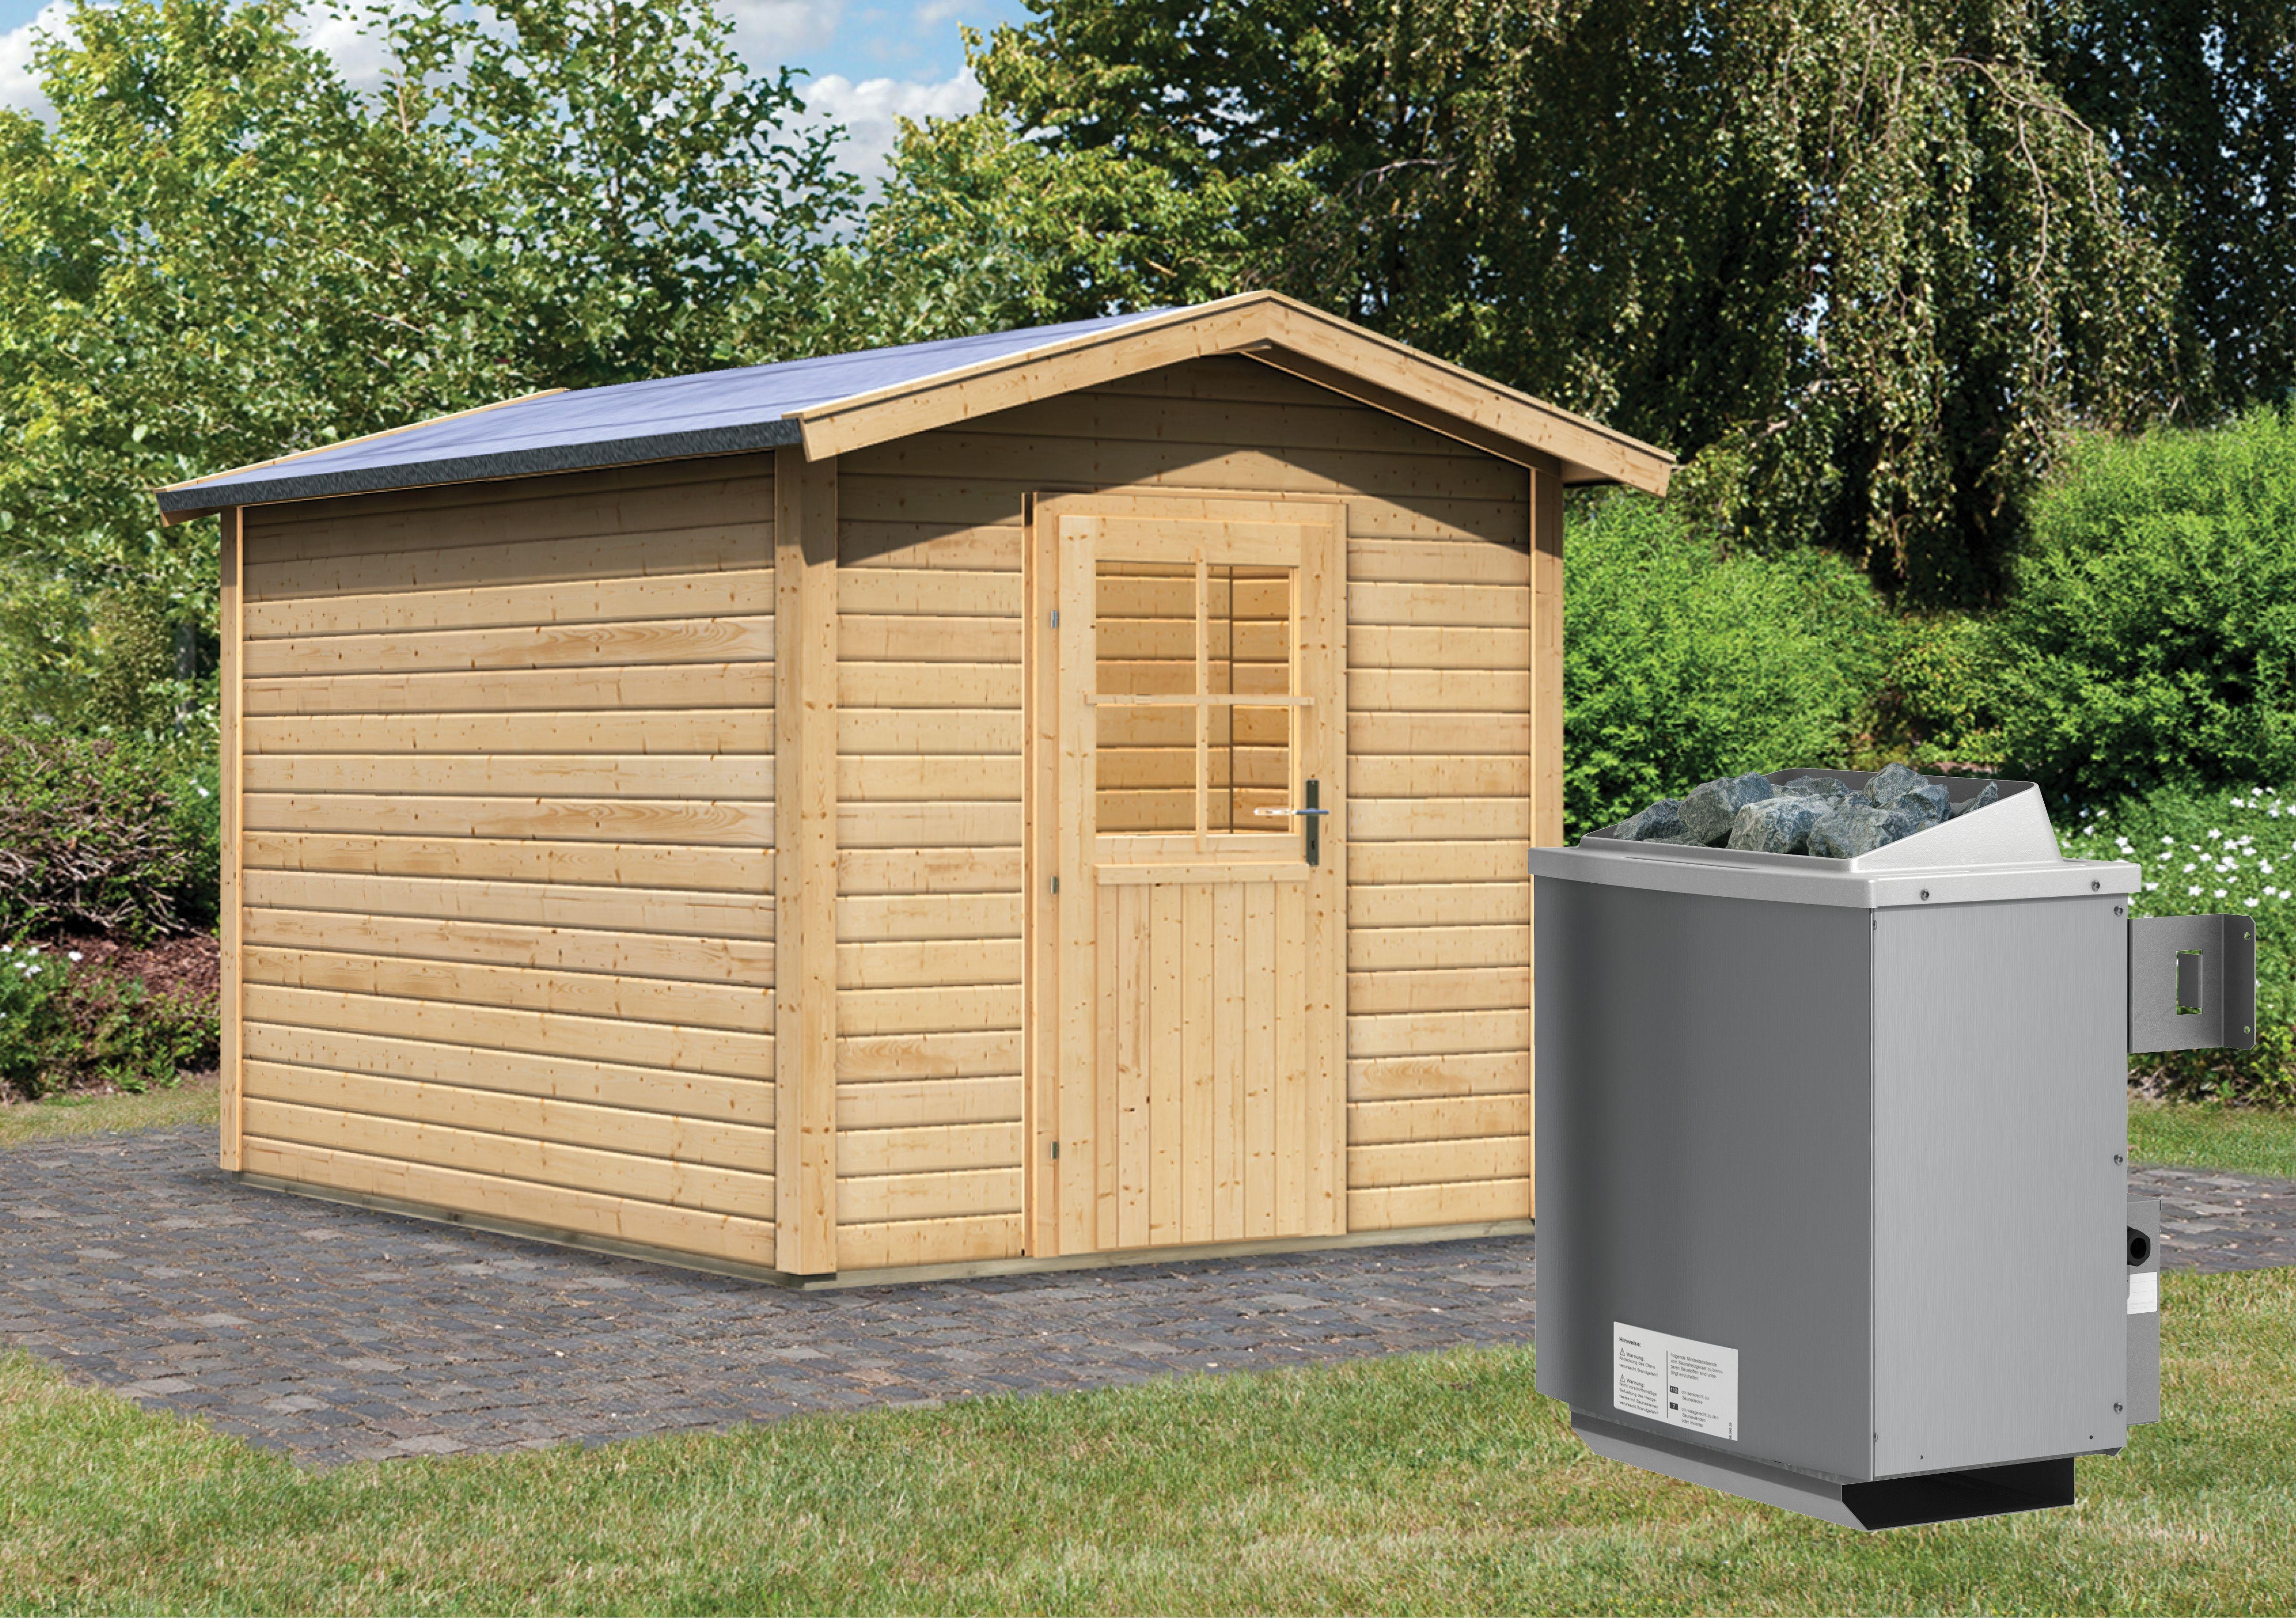 karibu gartensauna bosse 2 mit vorraum 2 31 x 3 99 m 38 mm mit 9 kw ofen sauna ebay. Black Bedroom Furniture Sets. Home Design Ideas